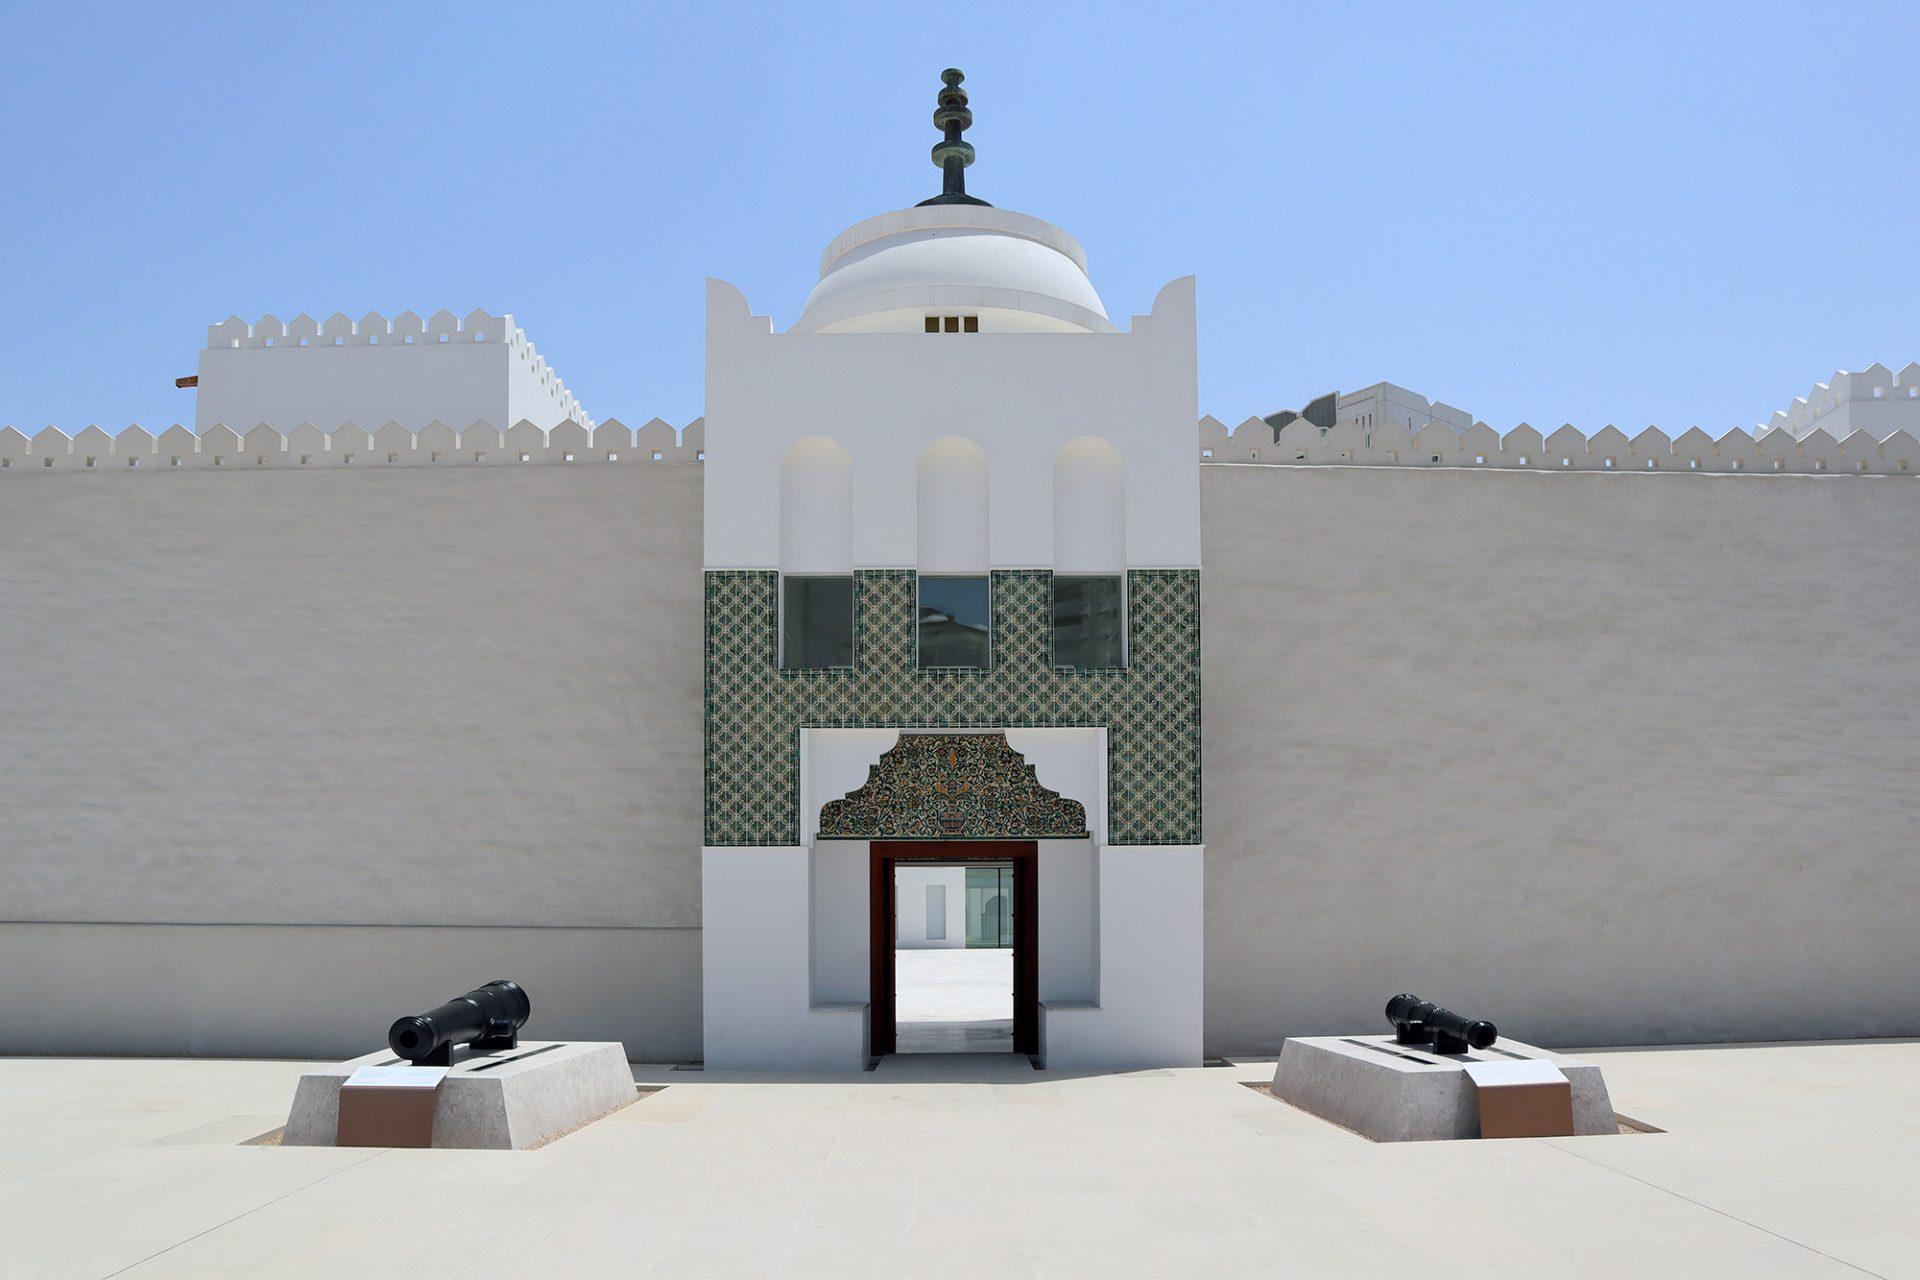 Qasr Al Hosn. Schichten aus modernem Putz und Gips wurden sorgfältig abgetragen, um das ursprüngliche Mauerwerk wieder freizulegen.